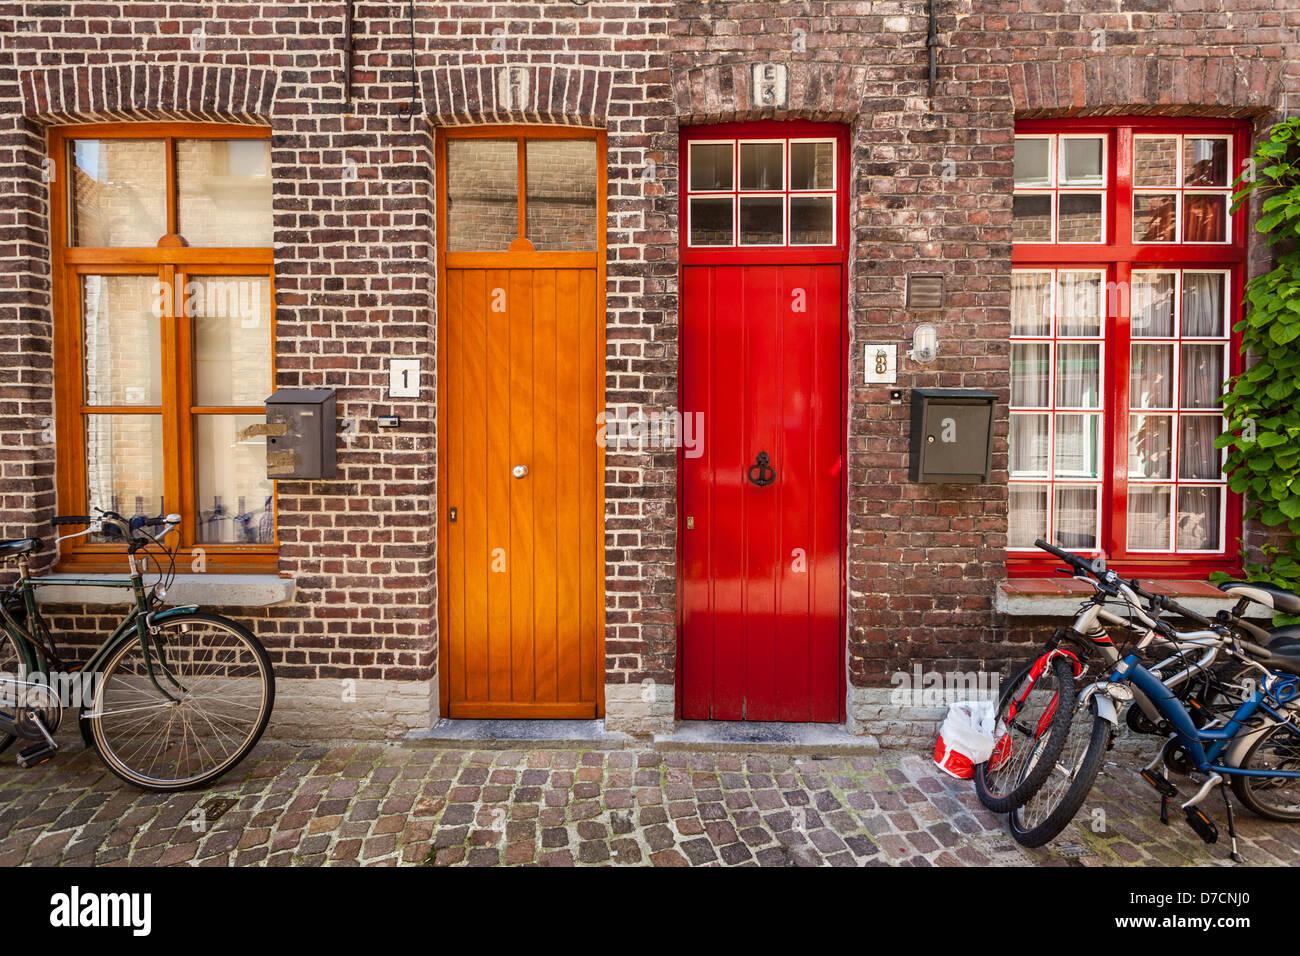 Porte delle vecchie case e biciclette in città europea. Bruges (Brugge), Belgio Immagini Stock